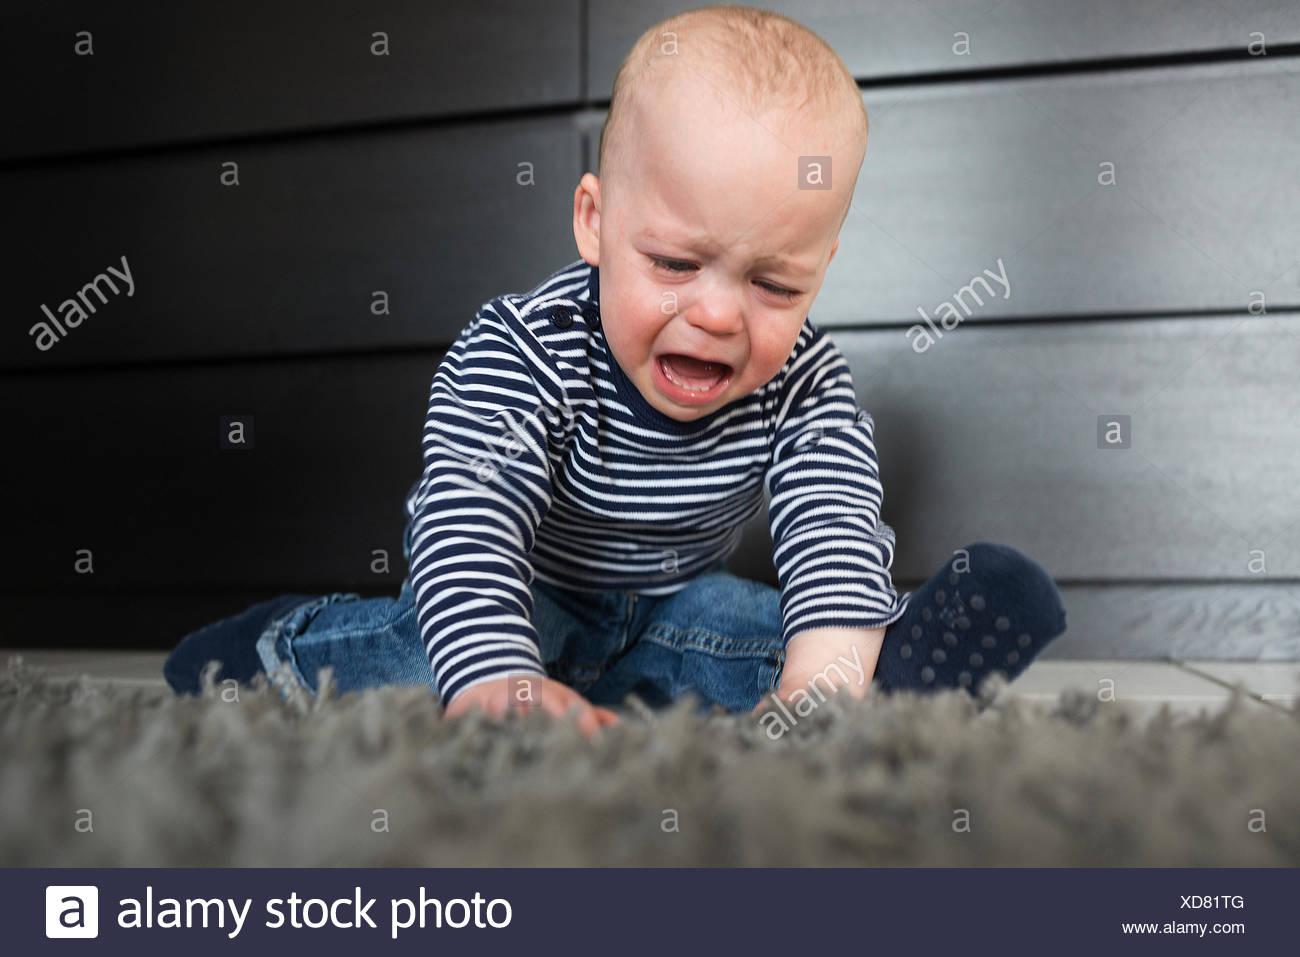 Bébé qui pleure garçon assis sur un tapis dans la salle de séjour Photo Stock